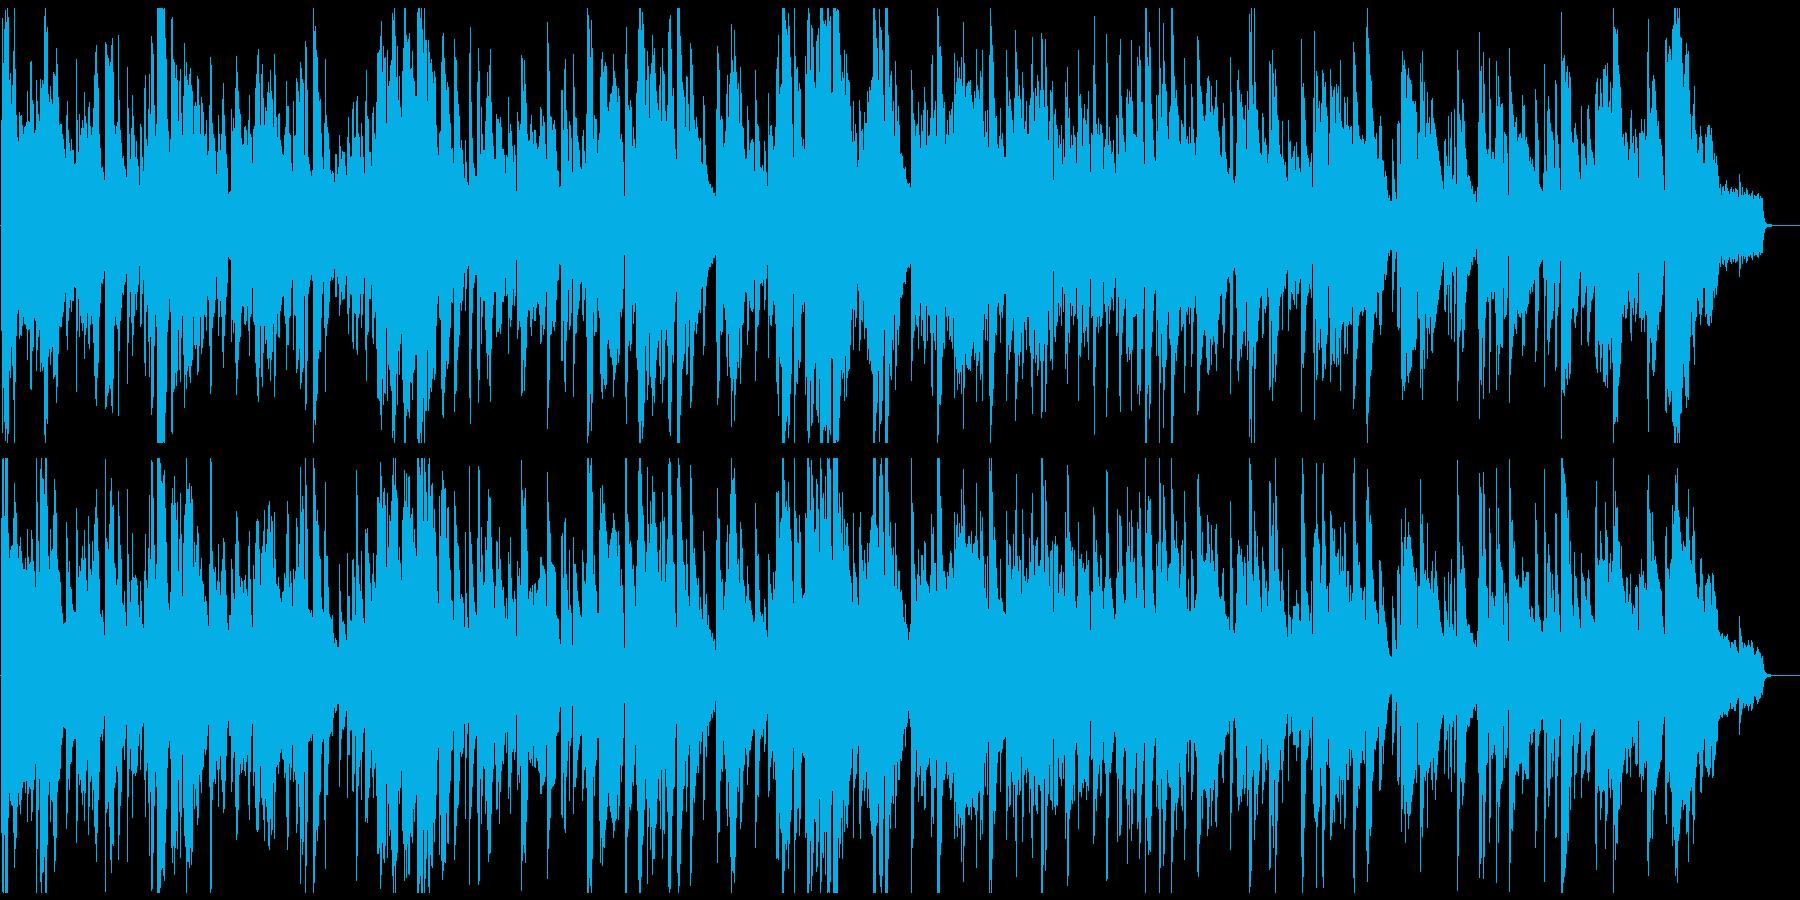 生演奏アルトサックスの耽美な低速ジャズの再生済みの波形